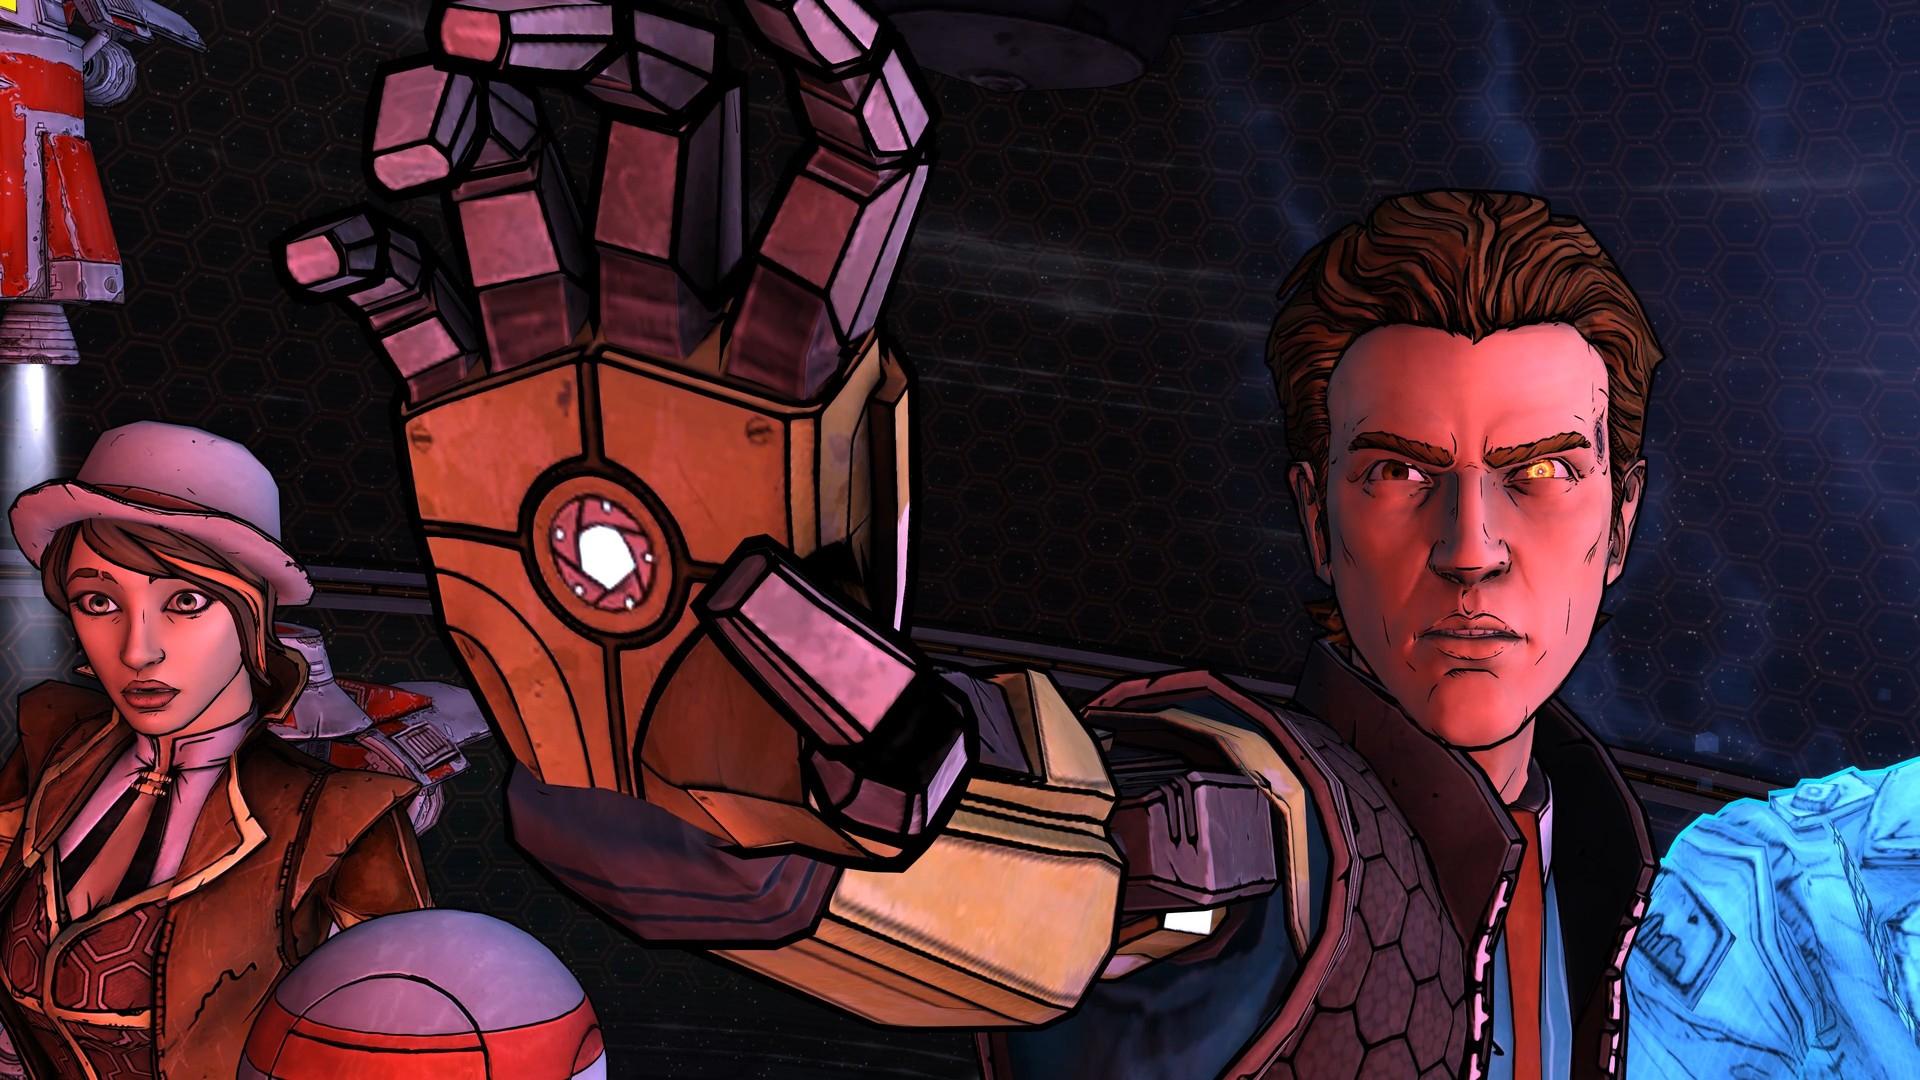 Steam-версия Tales from the Borderlands подорожала более чем в три раза после возвращения в продажу